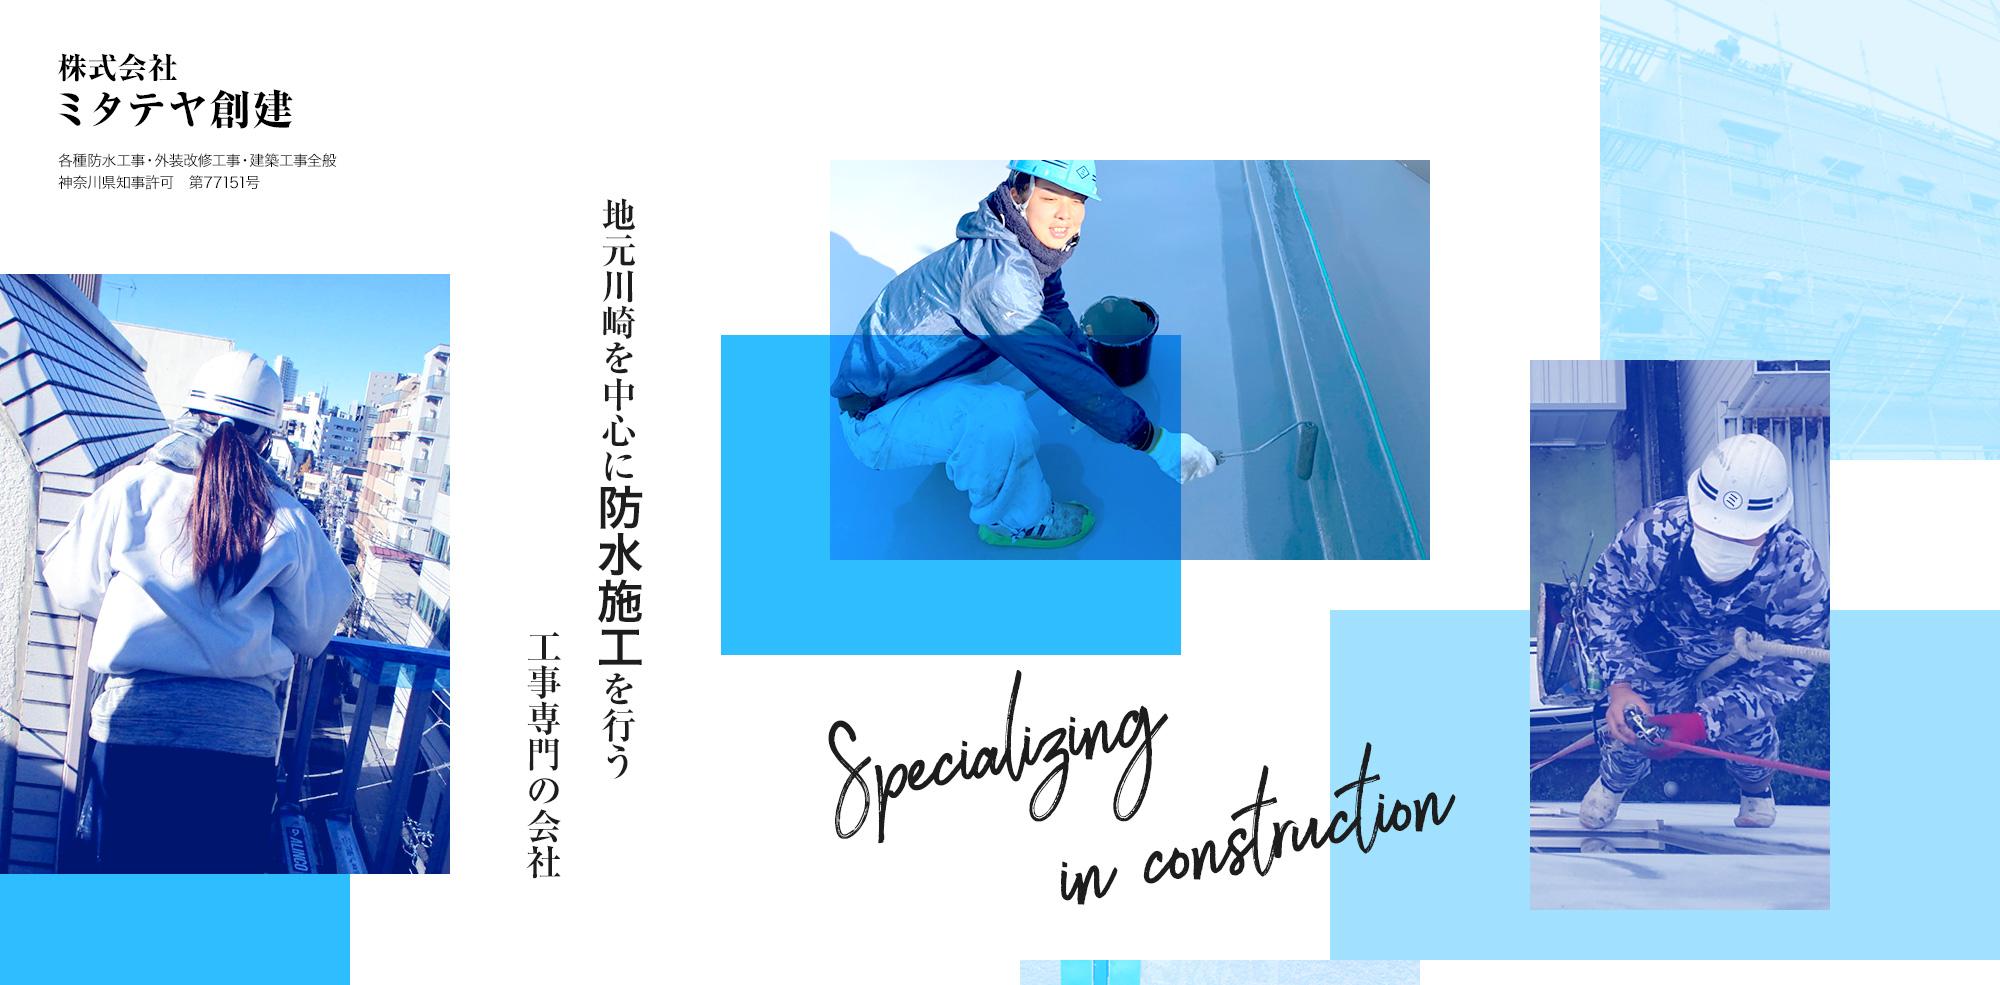 地元川崎を中心に防水施工を行う工事専門の会社